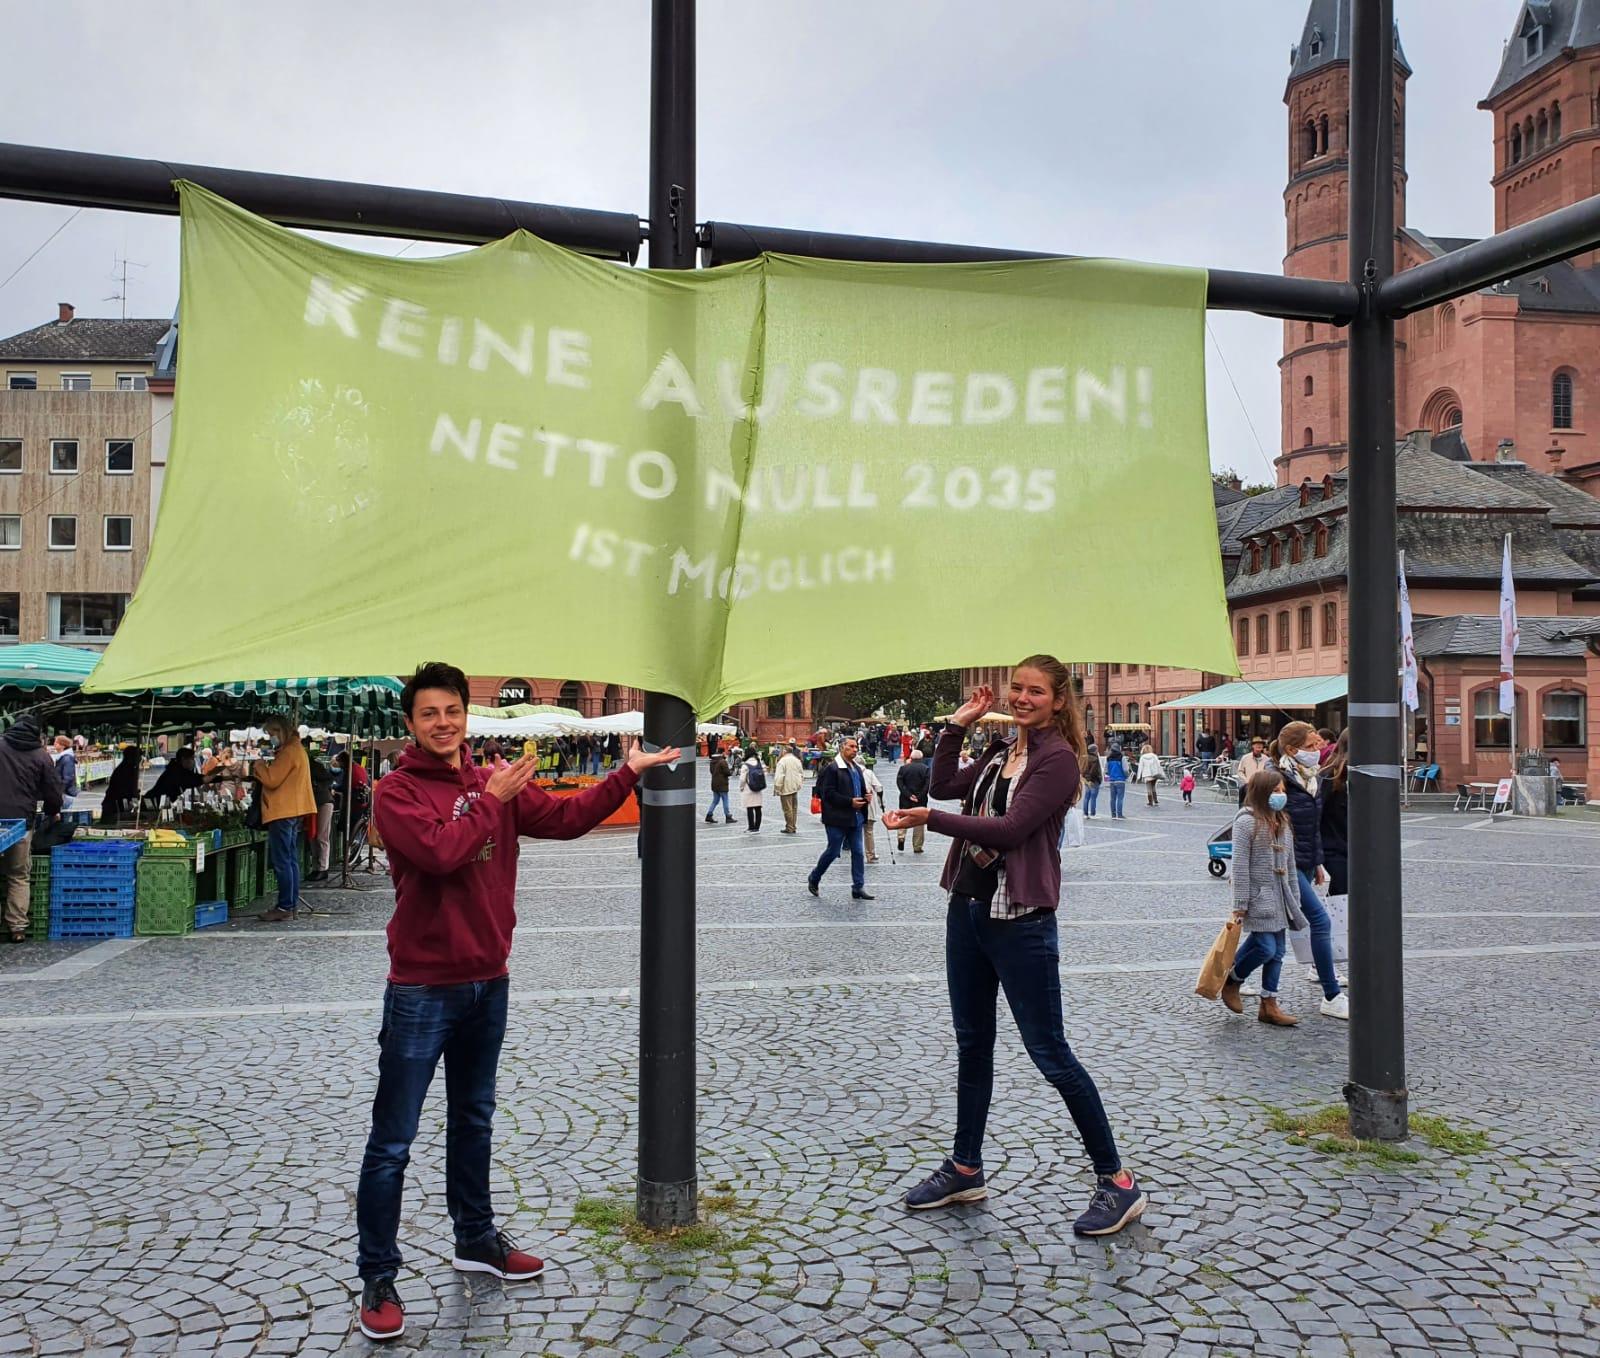 CO2-neutral bis 2035: Banneraktion von Fridays for Future Mainz